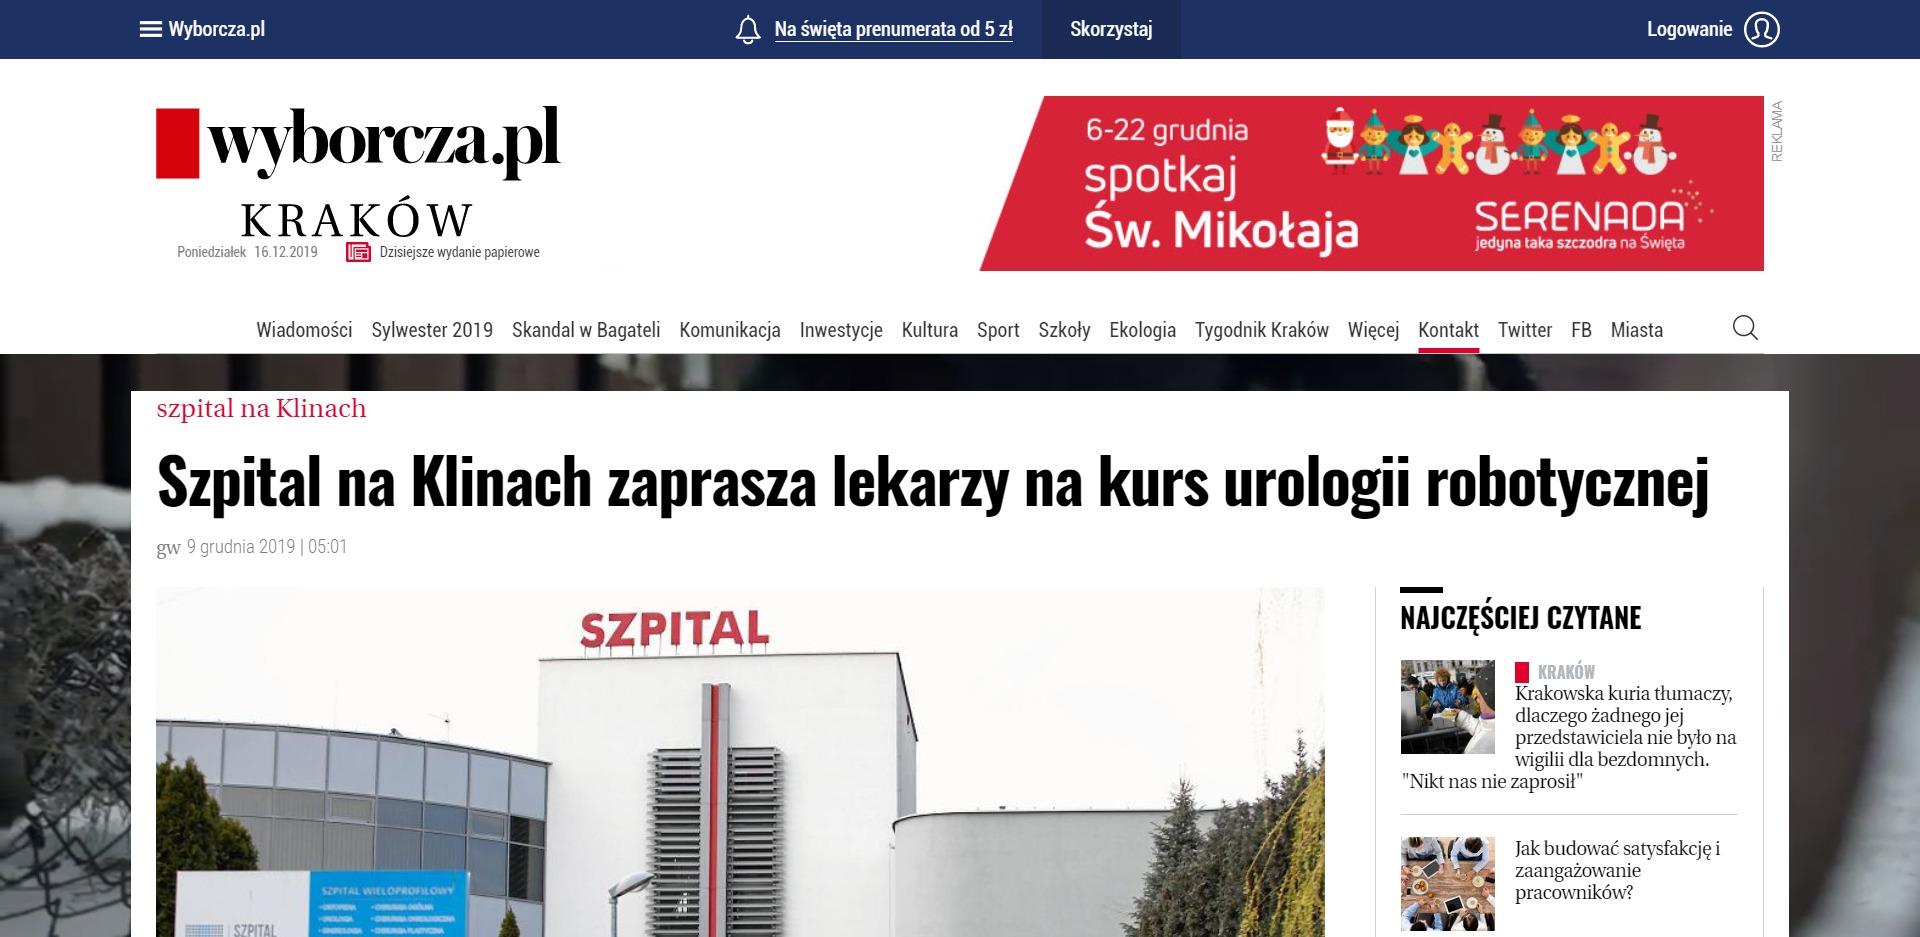 Szpital na Klinach zaprasza lekarzy na kurs urologii robotycznej